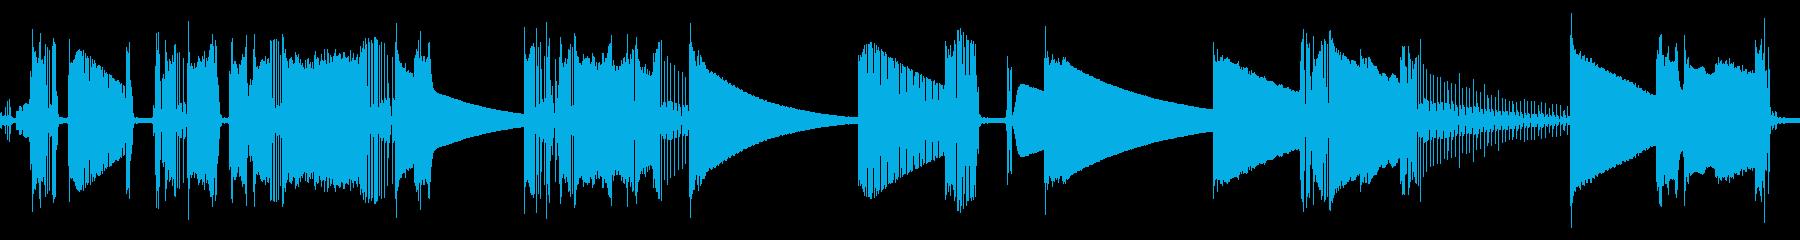 ラジオ、静的、有資格者; DIGI...の再生済みの波形